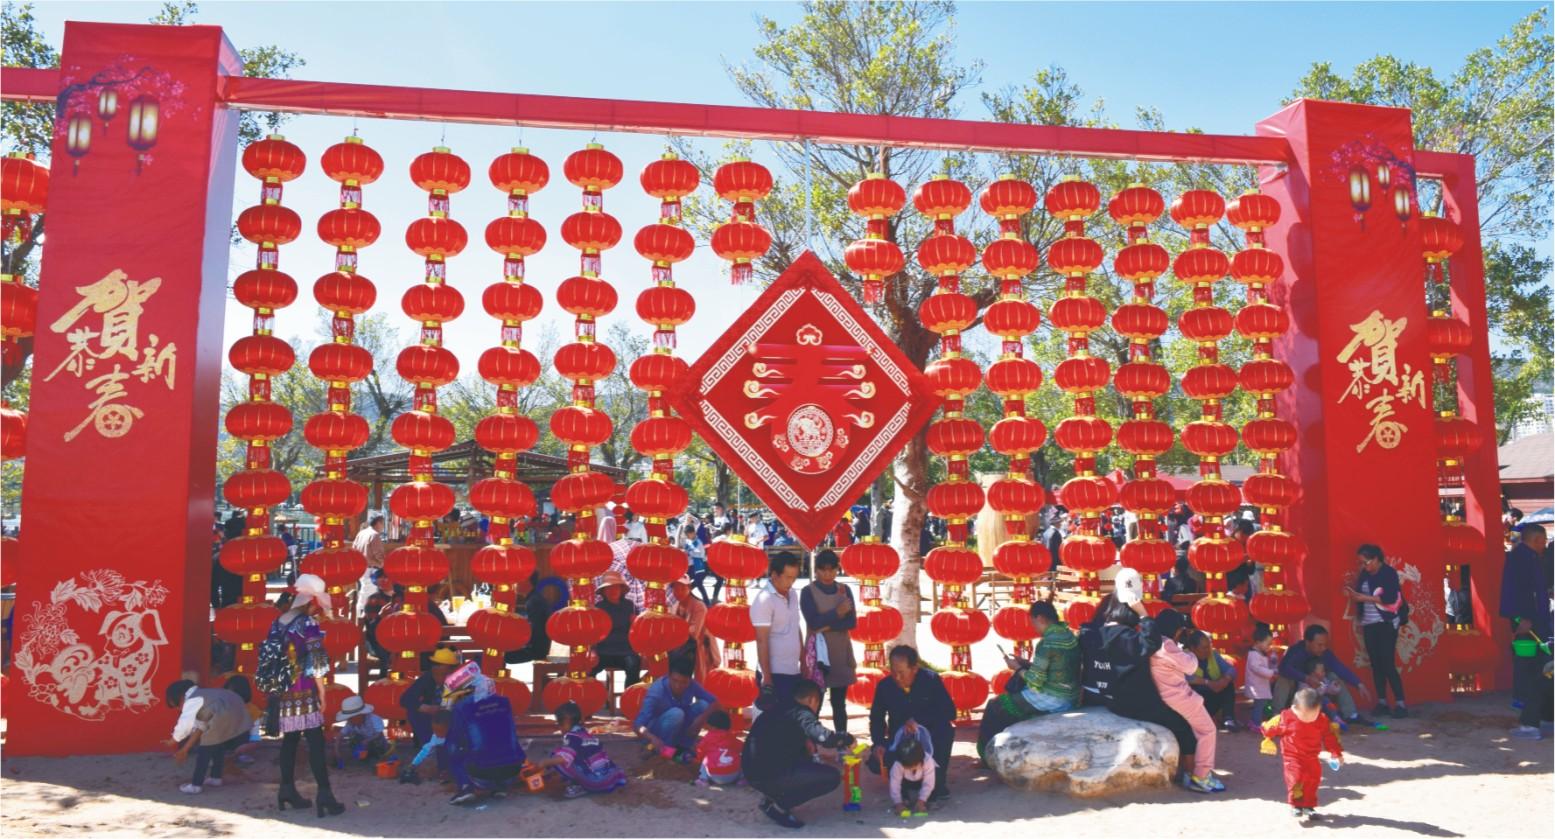 我市2018年春节群文系列活动精彩纷呈  条传统灯谜竞猜与十九大和扶贫